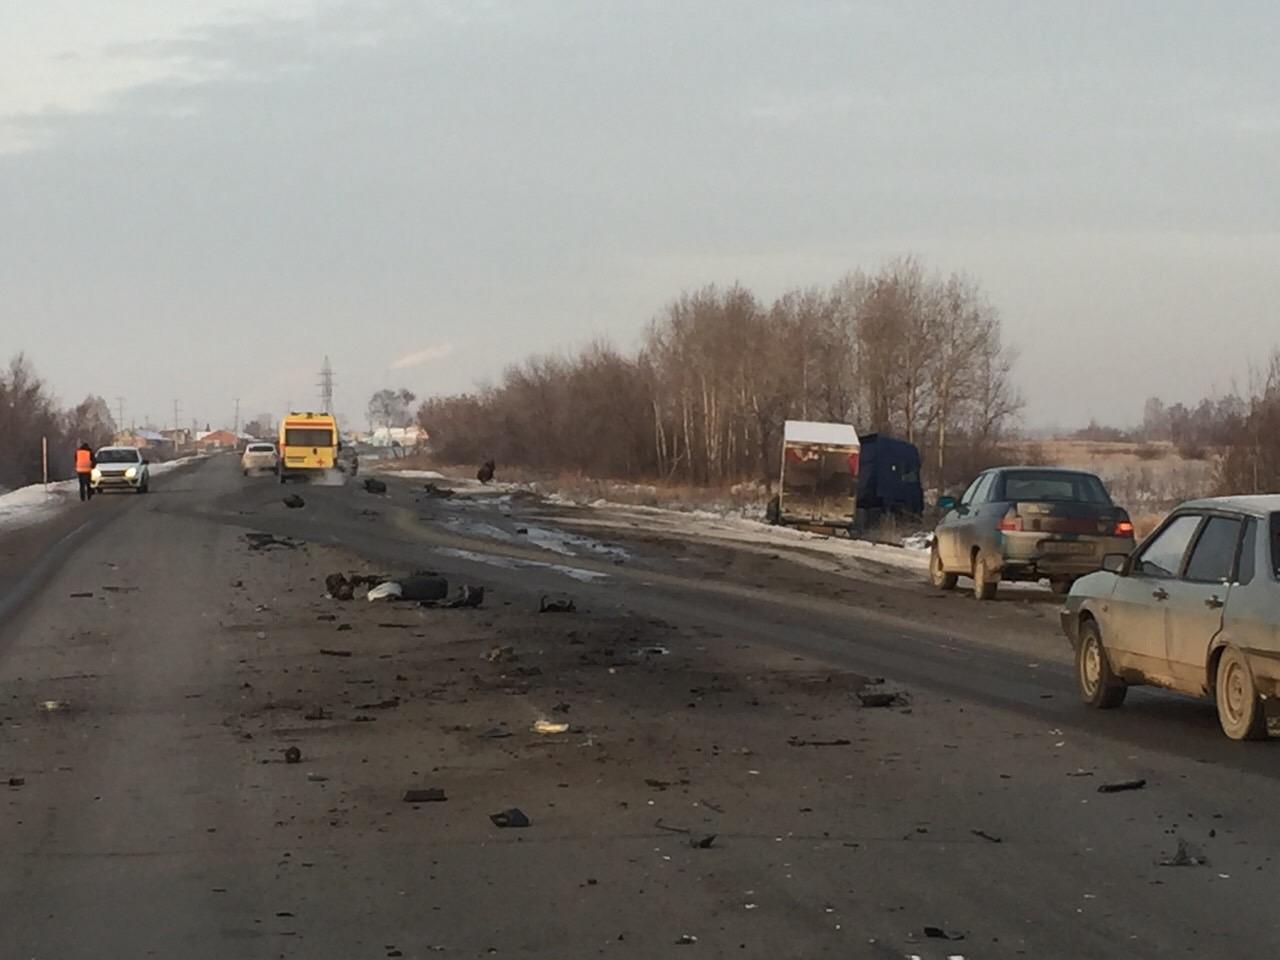 При ДТП с грузовым автомобилем вЧелябинской области пострадал человек